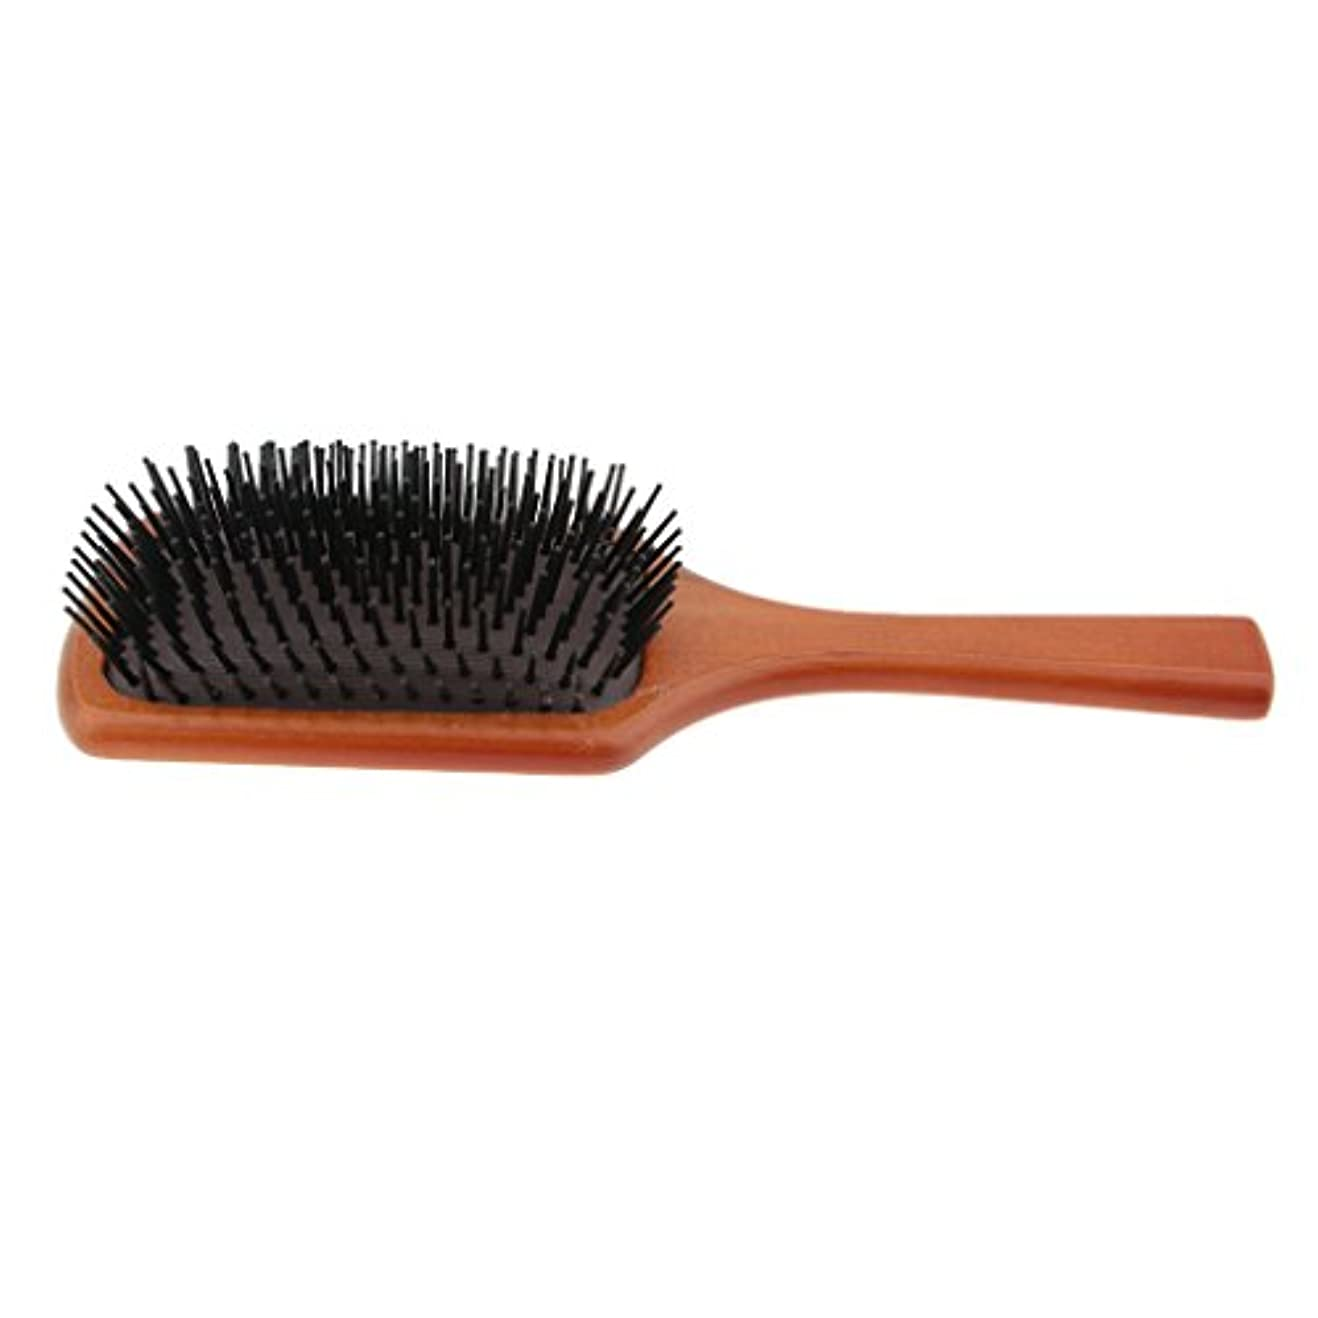 クロール助言する一方、木製ヘアブラシ ヘアダイコーム 木製コーム ヘアコーム 櫛 理髪店 アクセサリー